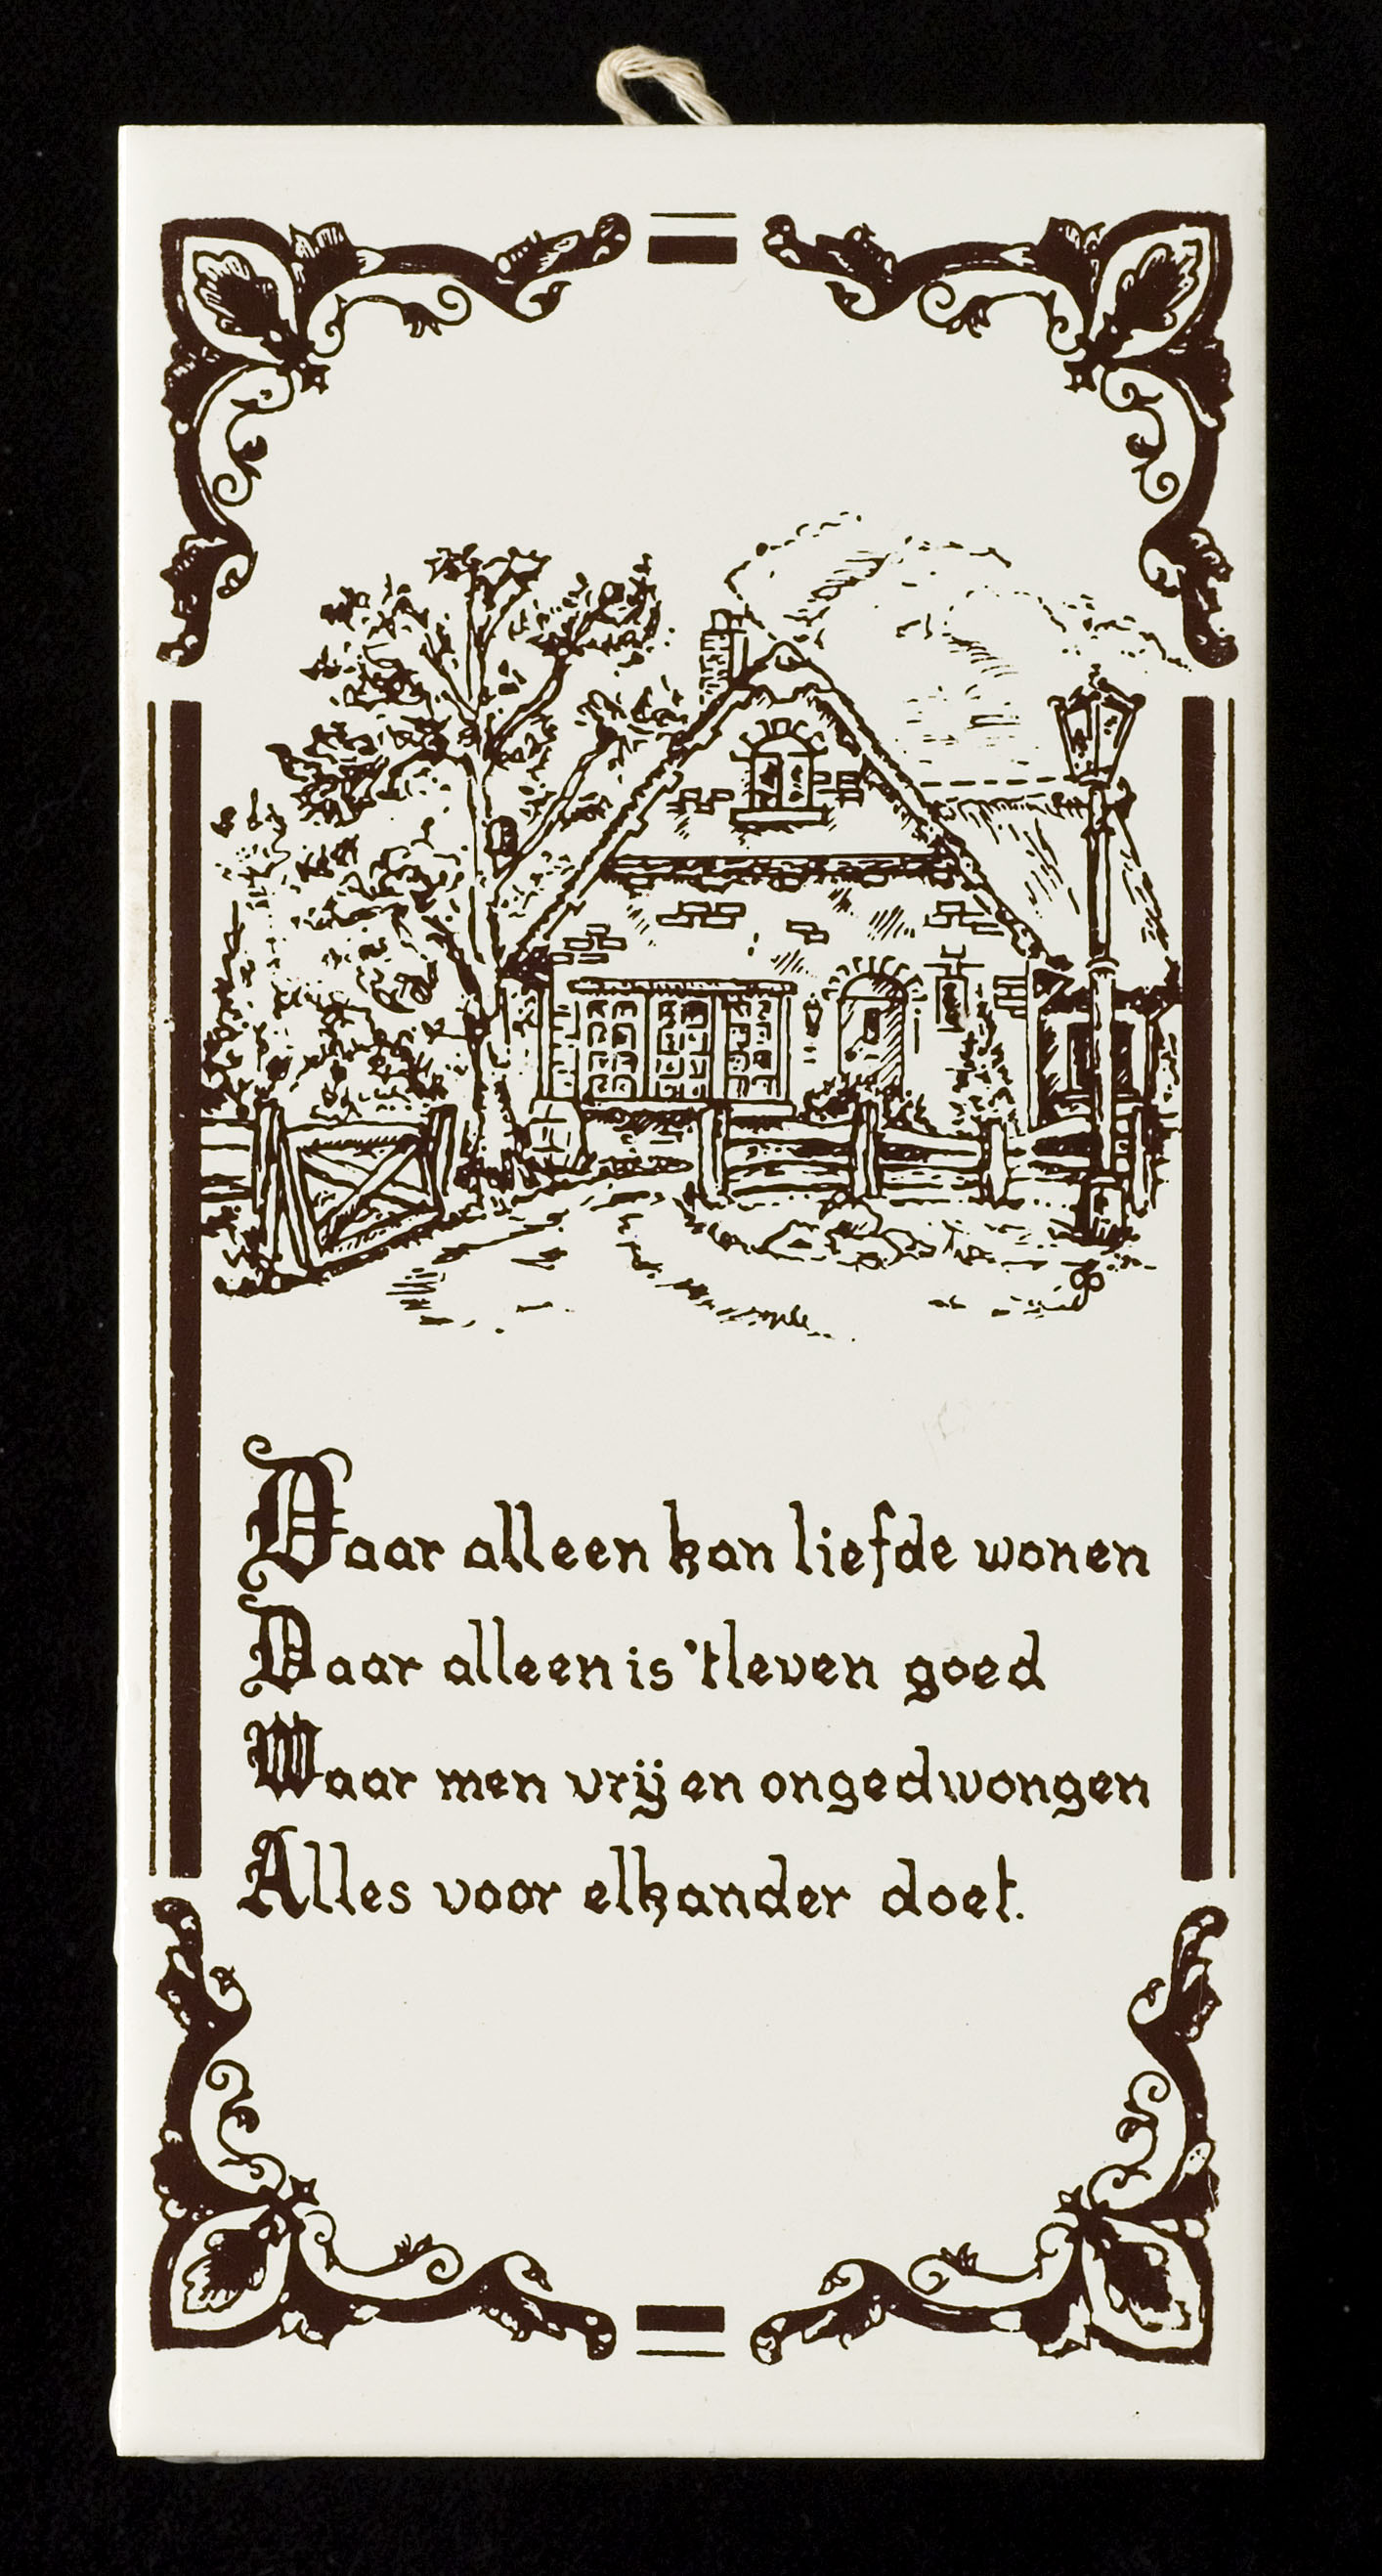 Tegel tekst het geheugen van nederland online beeldbank van archieven musea en bibliotheken - Lino imitatie oude tegel ...